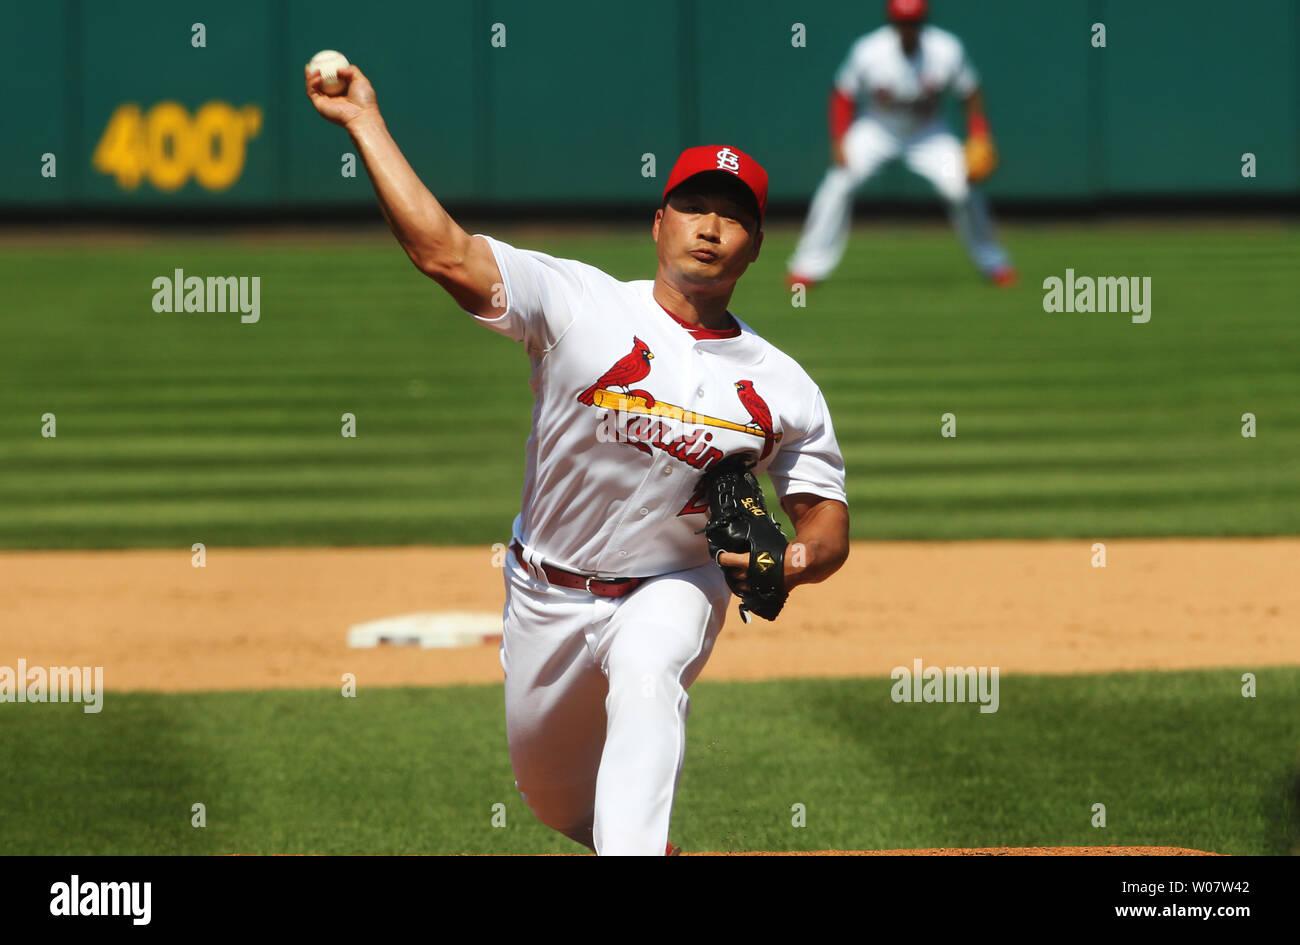 St. Louis Cardinals Krug Seung Hwan Oh liefert einen Pitch auf den San Diego Padres am Busch Stadium in St. Louis am 20. Juli 2016. Foto von Bill Greenblatt/UPI Stockfoto